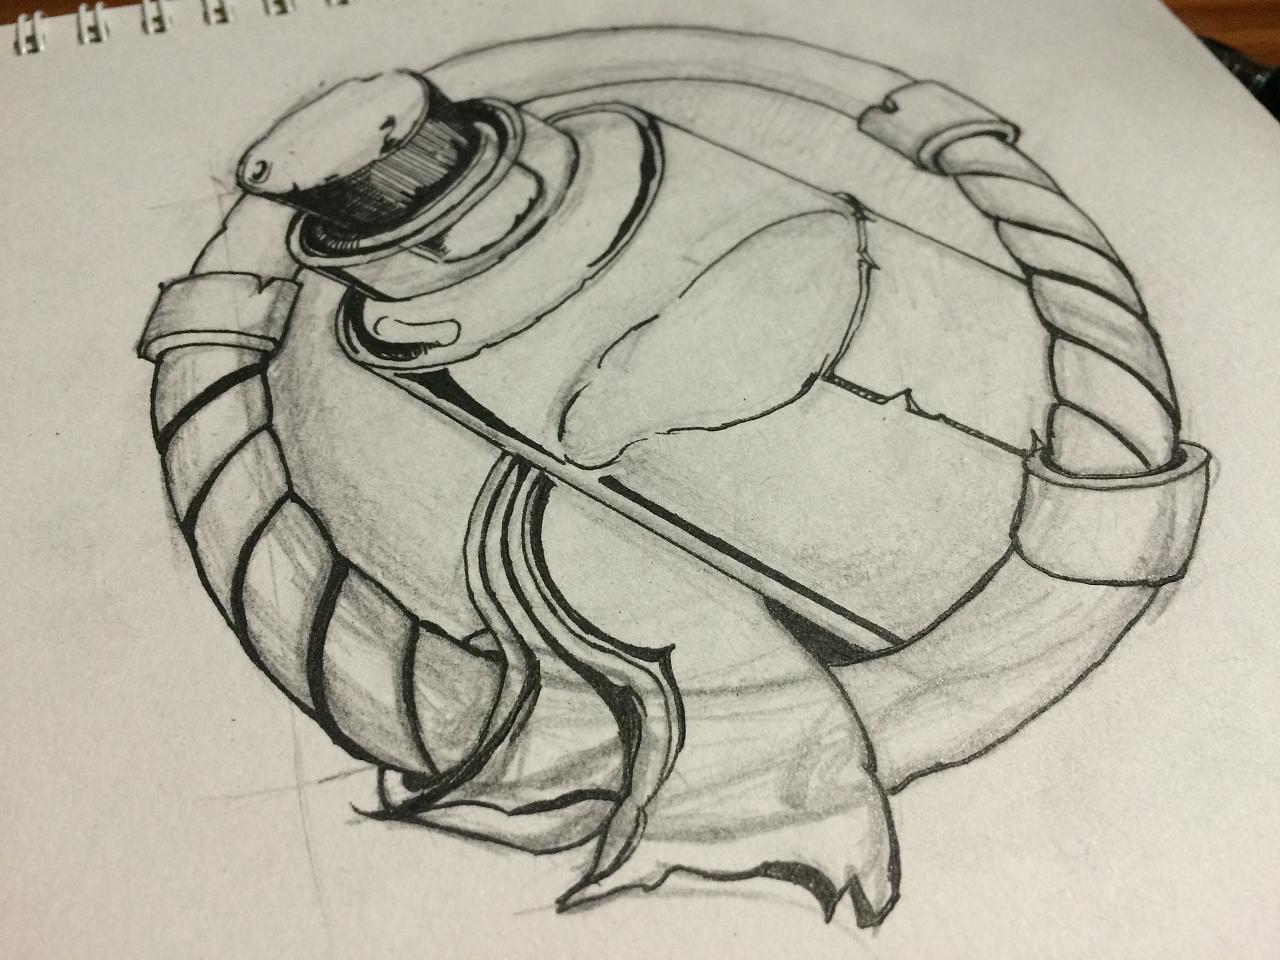 手绘黑白线描游戏图标(药水)|插画|其他插画|鱼哥哥